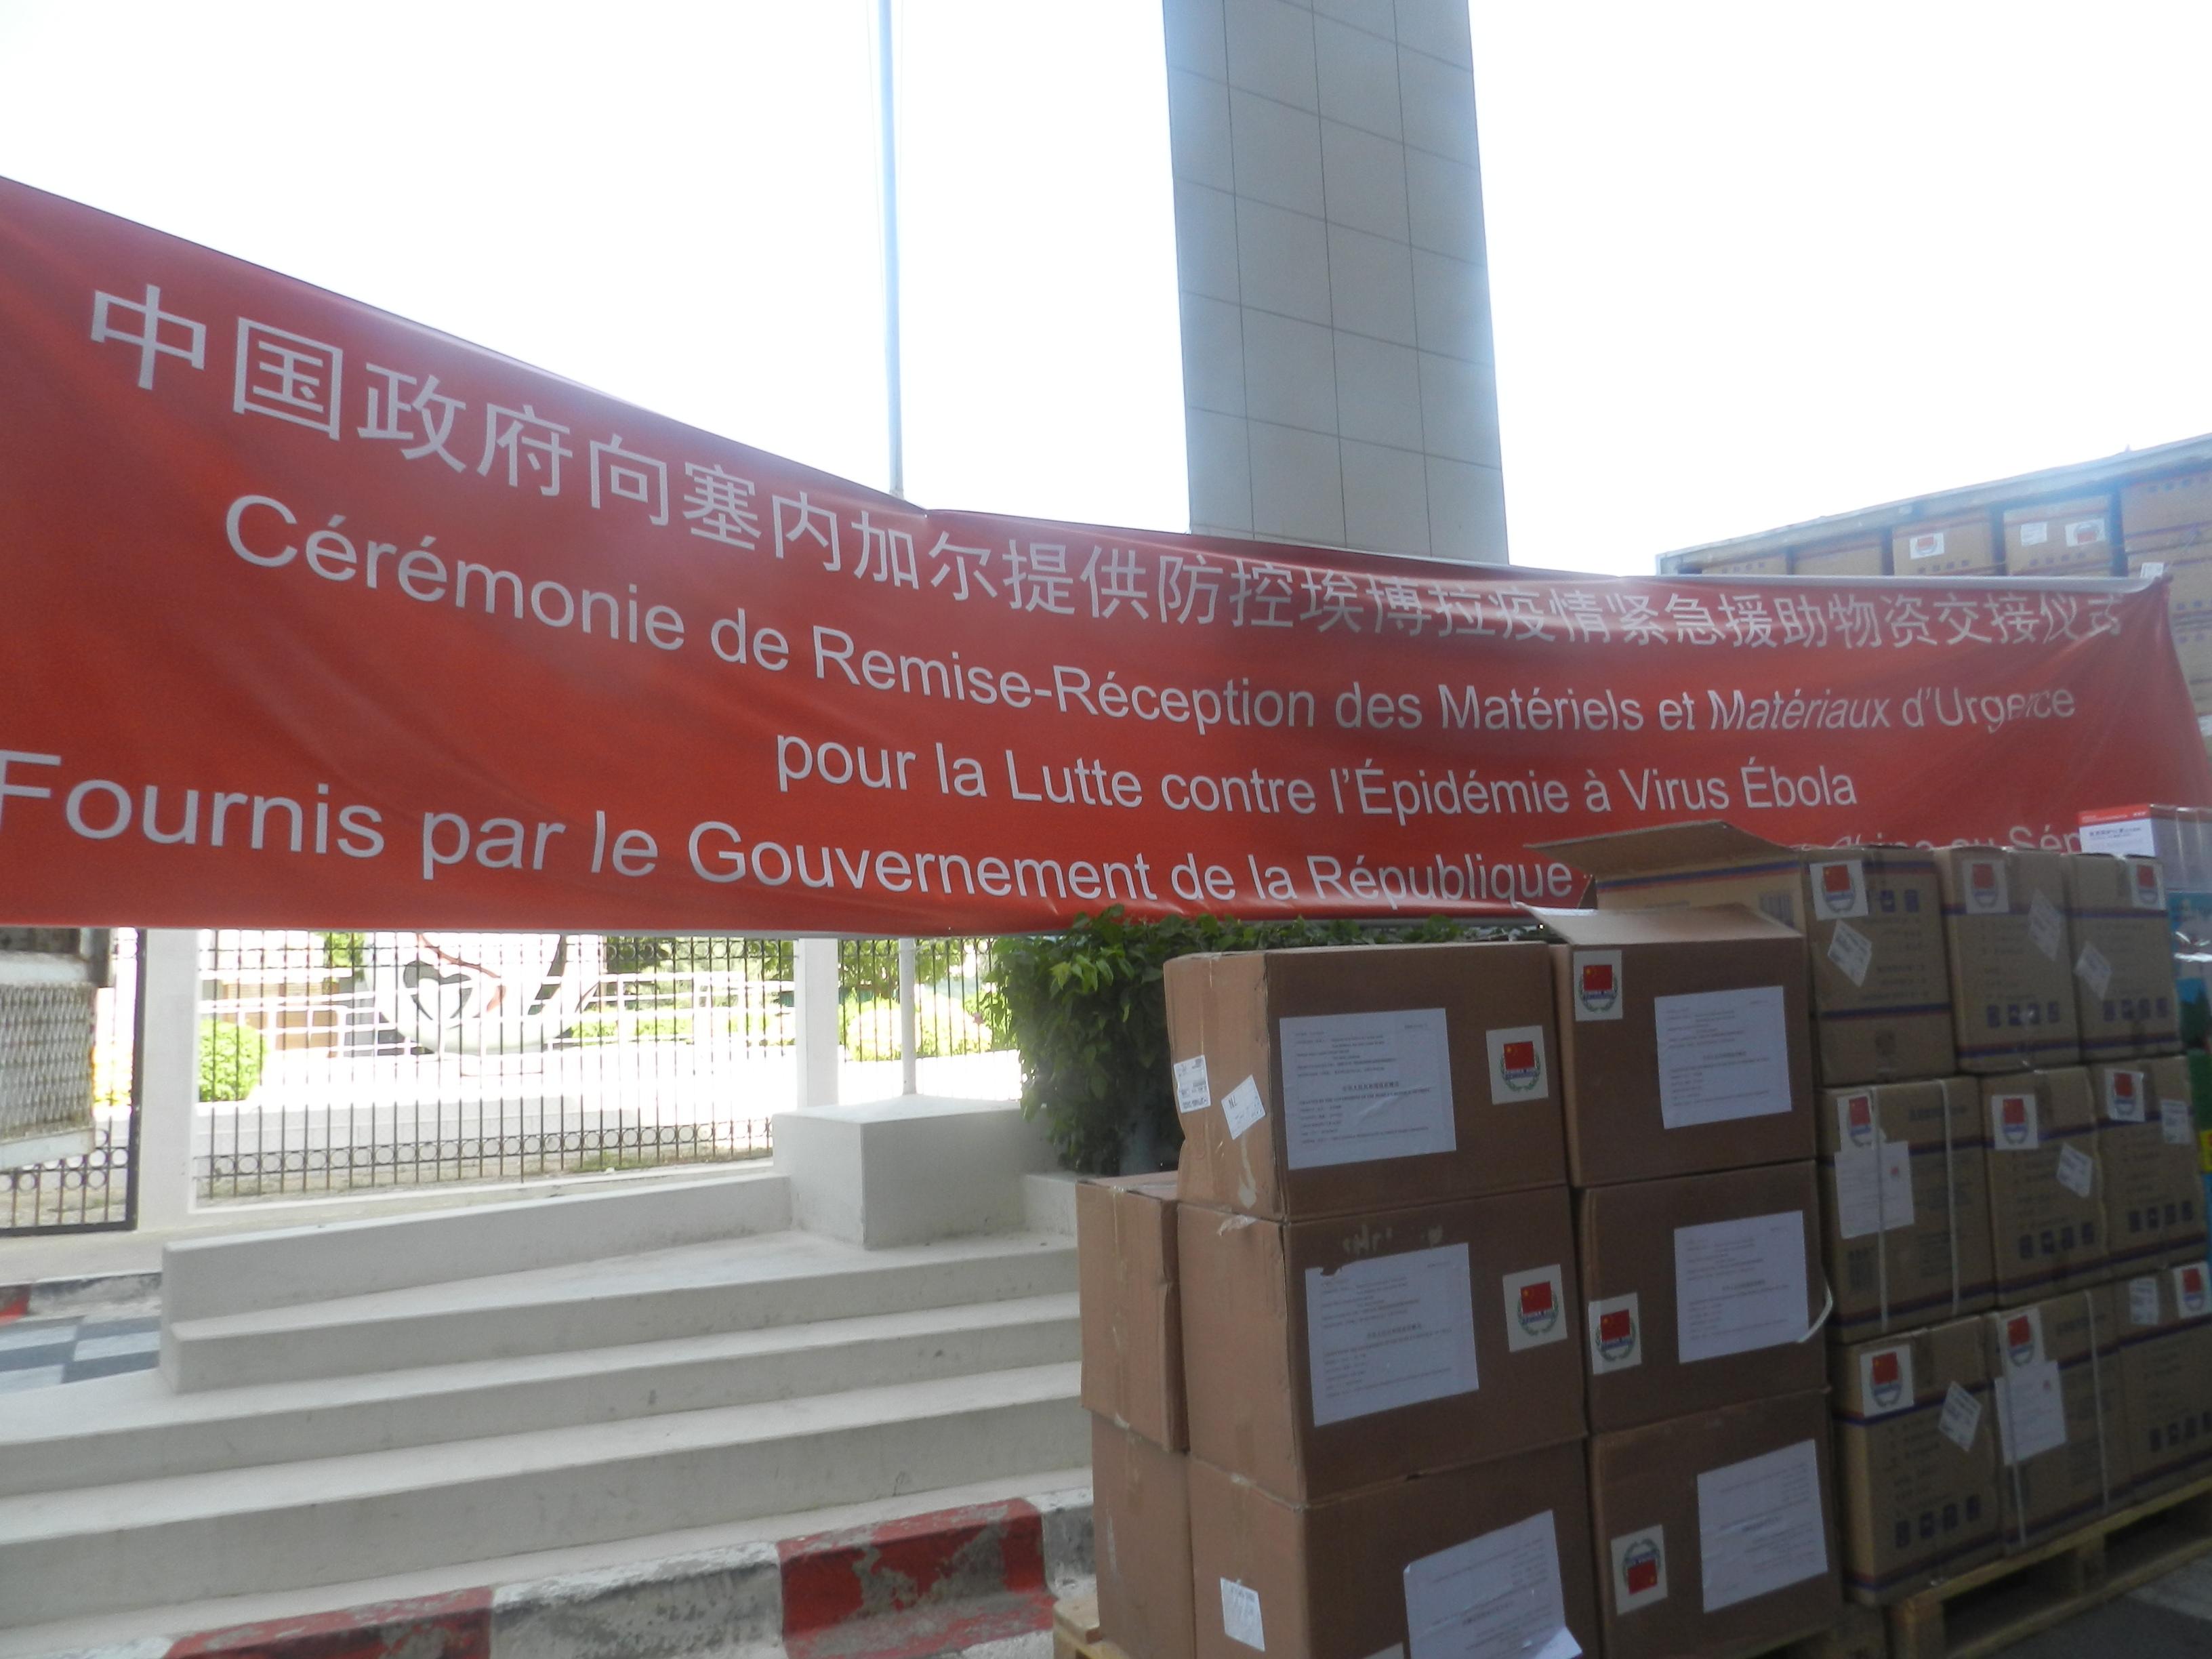 Lutte contre Ébola : Dr Awa Marie Coll Seck en appelle à la solidarité envers les pays touchés